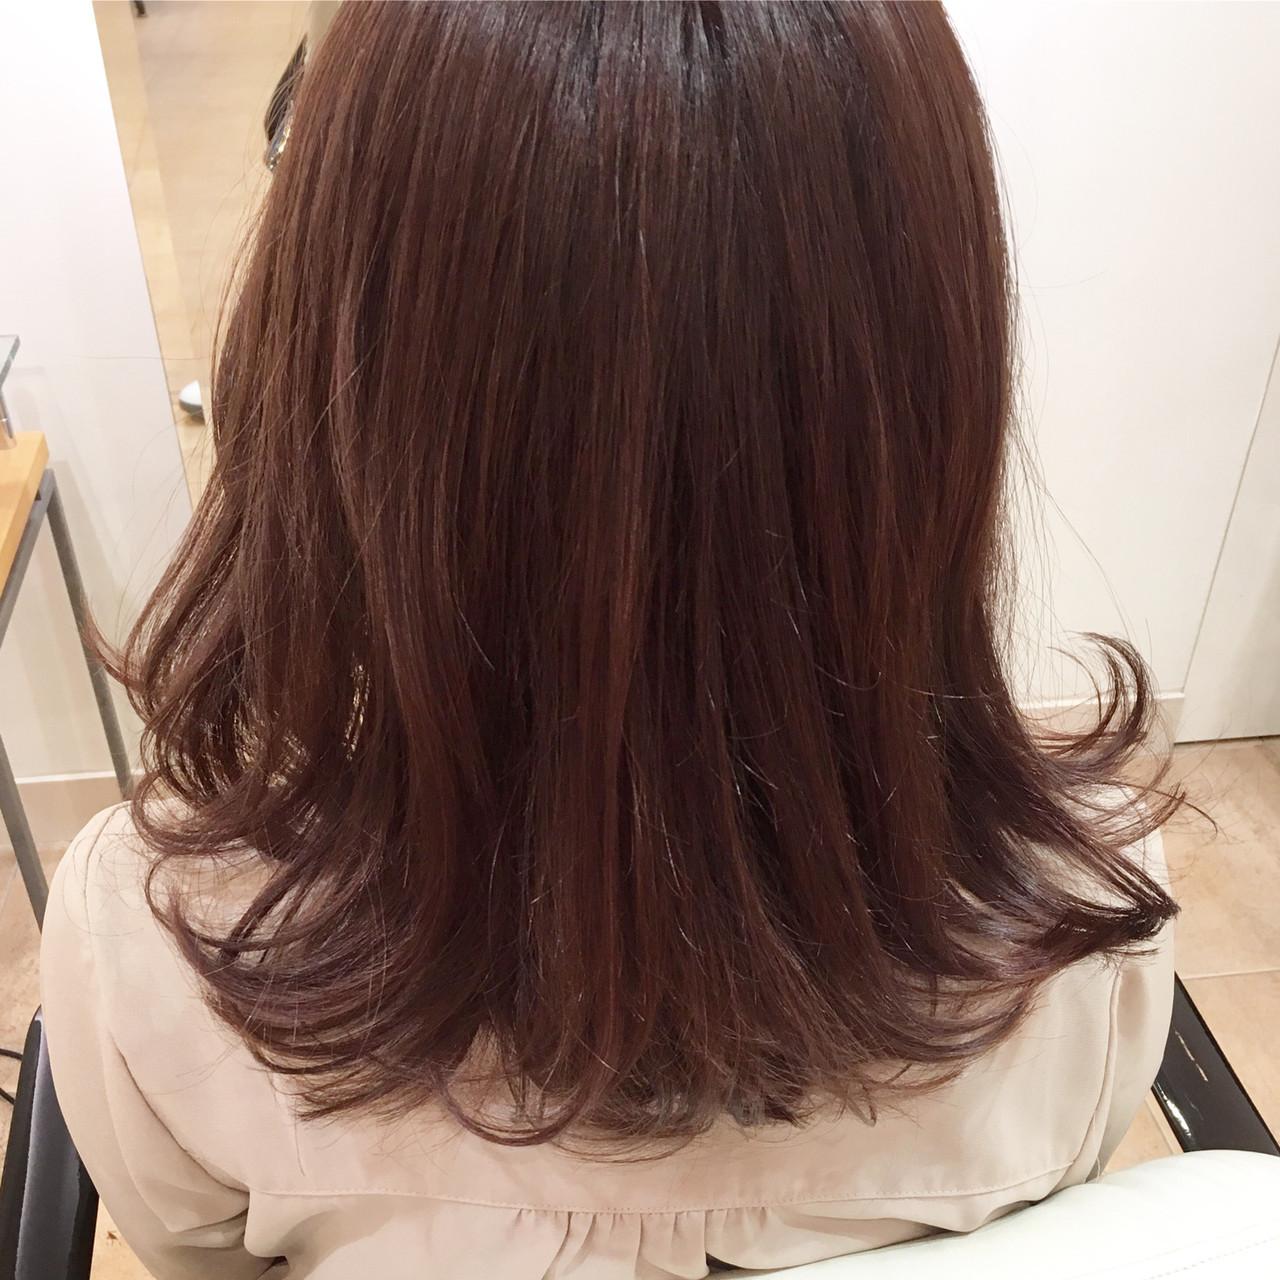 ワンレングス 毛先パーマ セミロング ワンレンベース ヘアスタイルや髪型の写真・画像